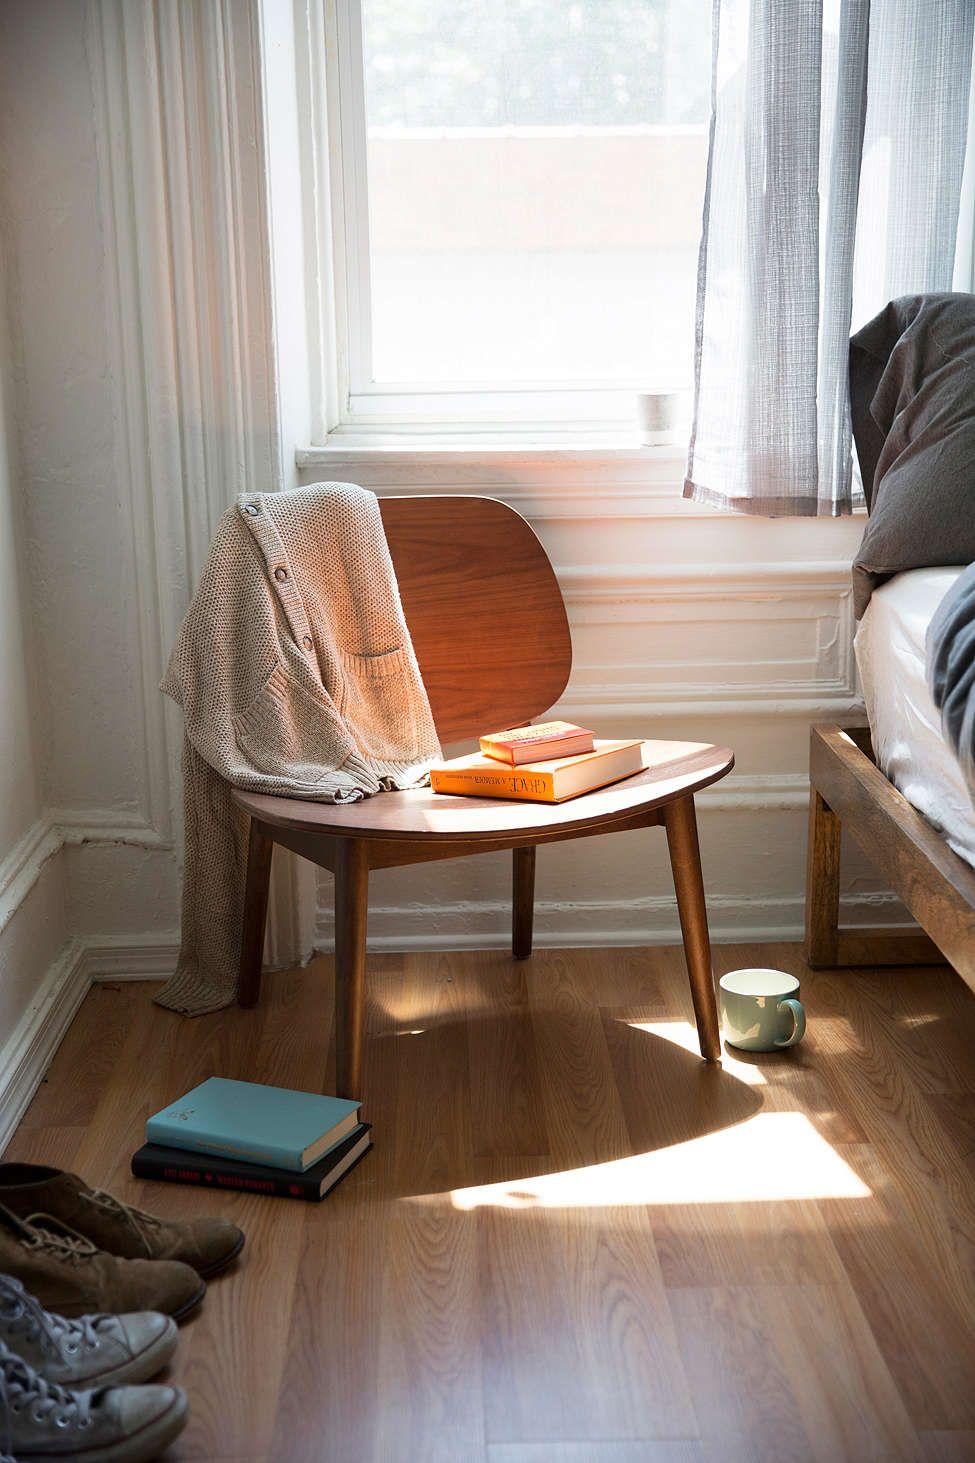 Menlow lounge chair set d r e a m a p a r t m e n t